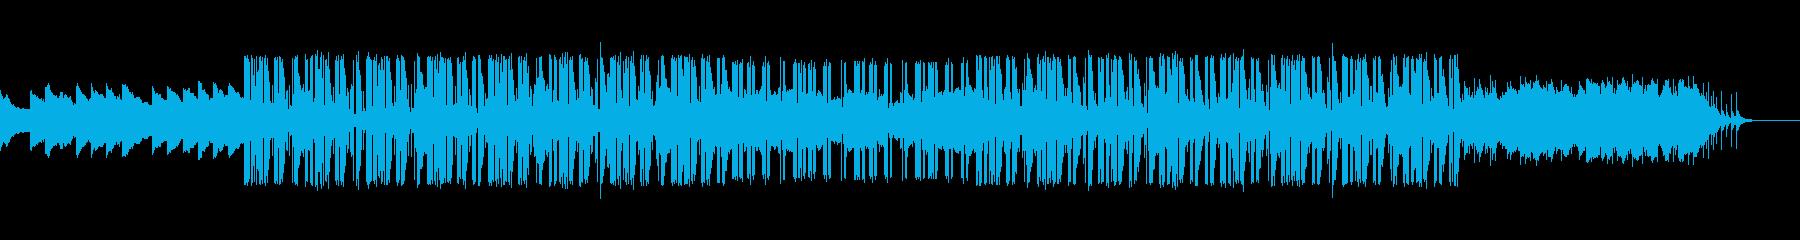 動画 サスペンス 技術的な 電化 ...の再生済みの波形